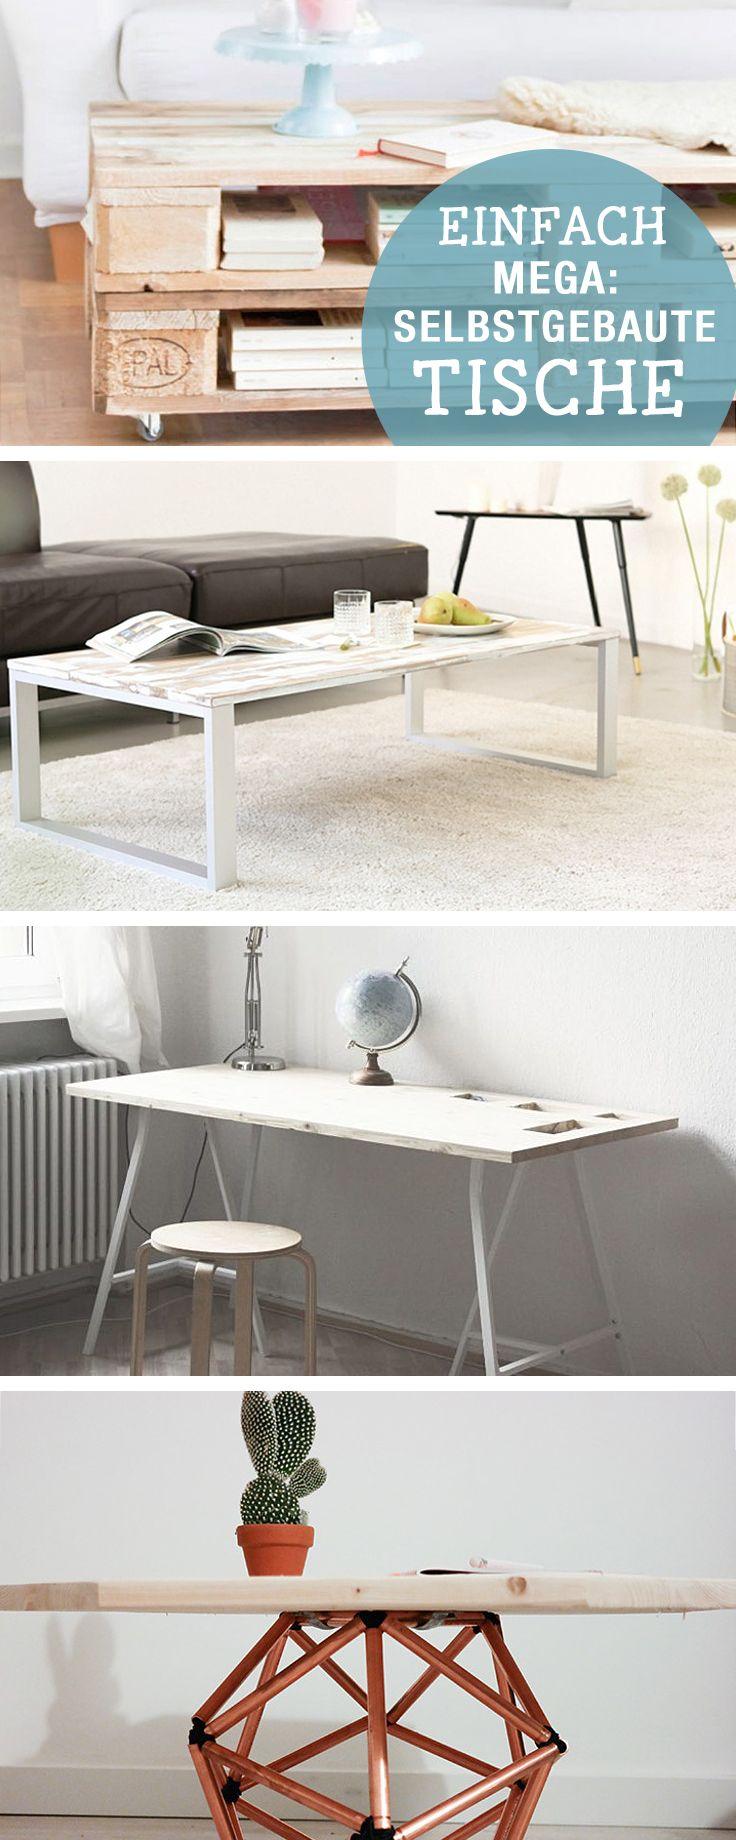 tisch selber bauen – do it yourself mit | zuhause diy, möbel